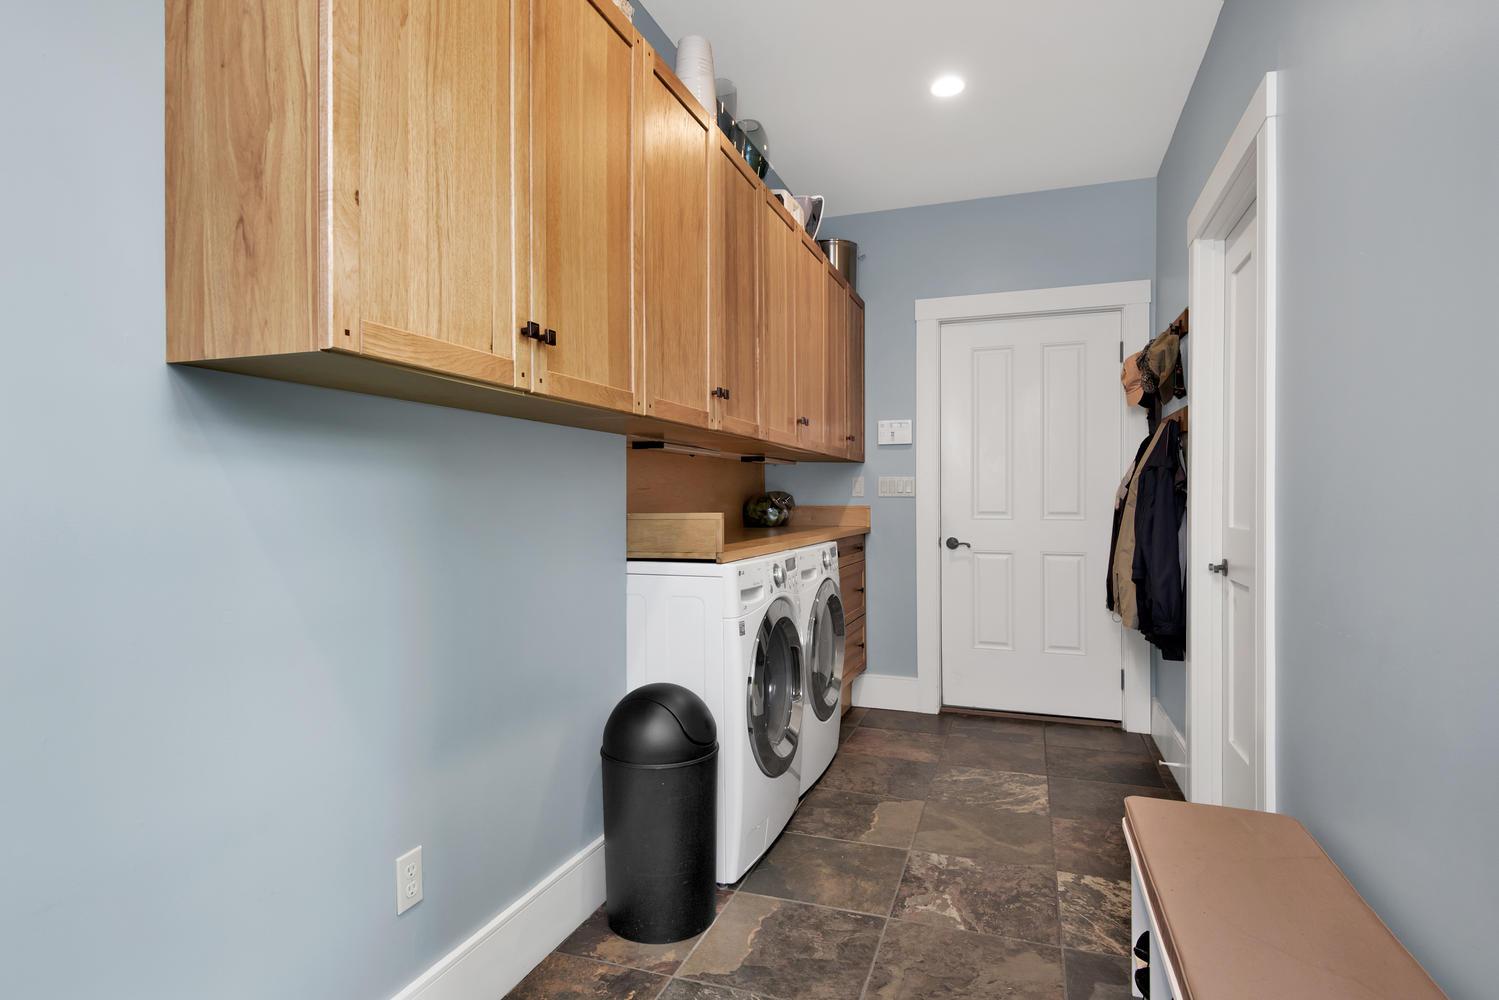 85 Rivers Edge Dr Portland ME-large-041-026-Laundry Room-1499x1000-72dpi.jpg